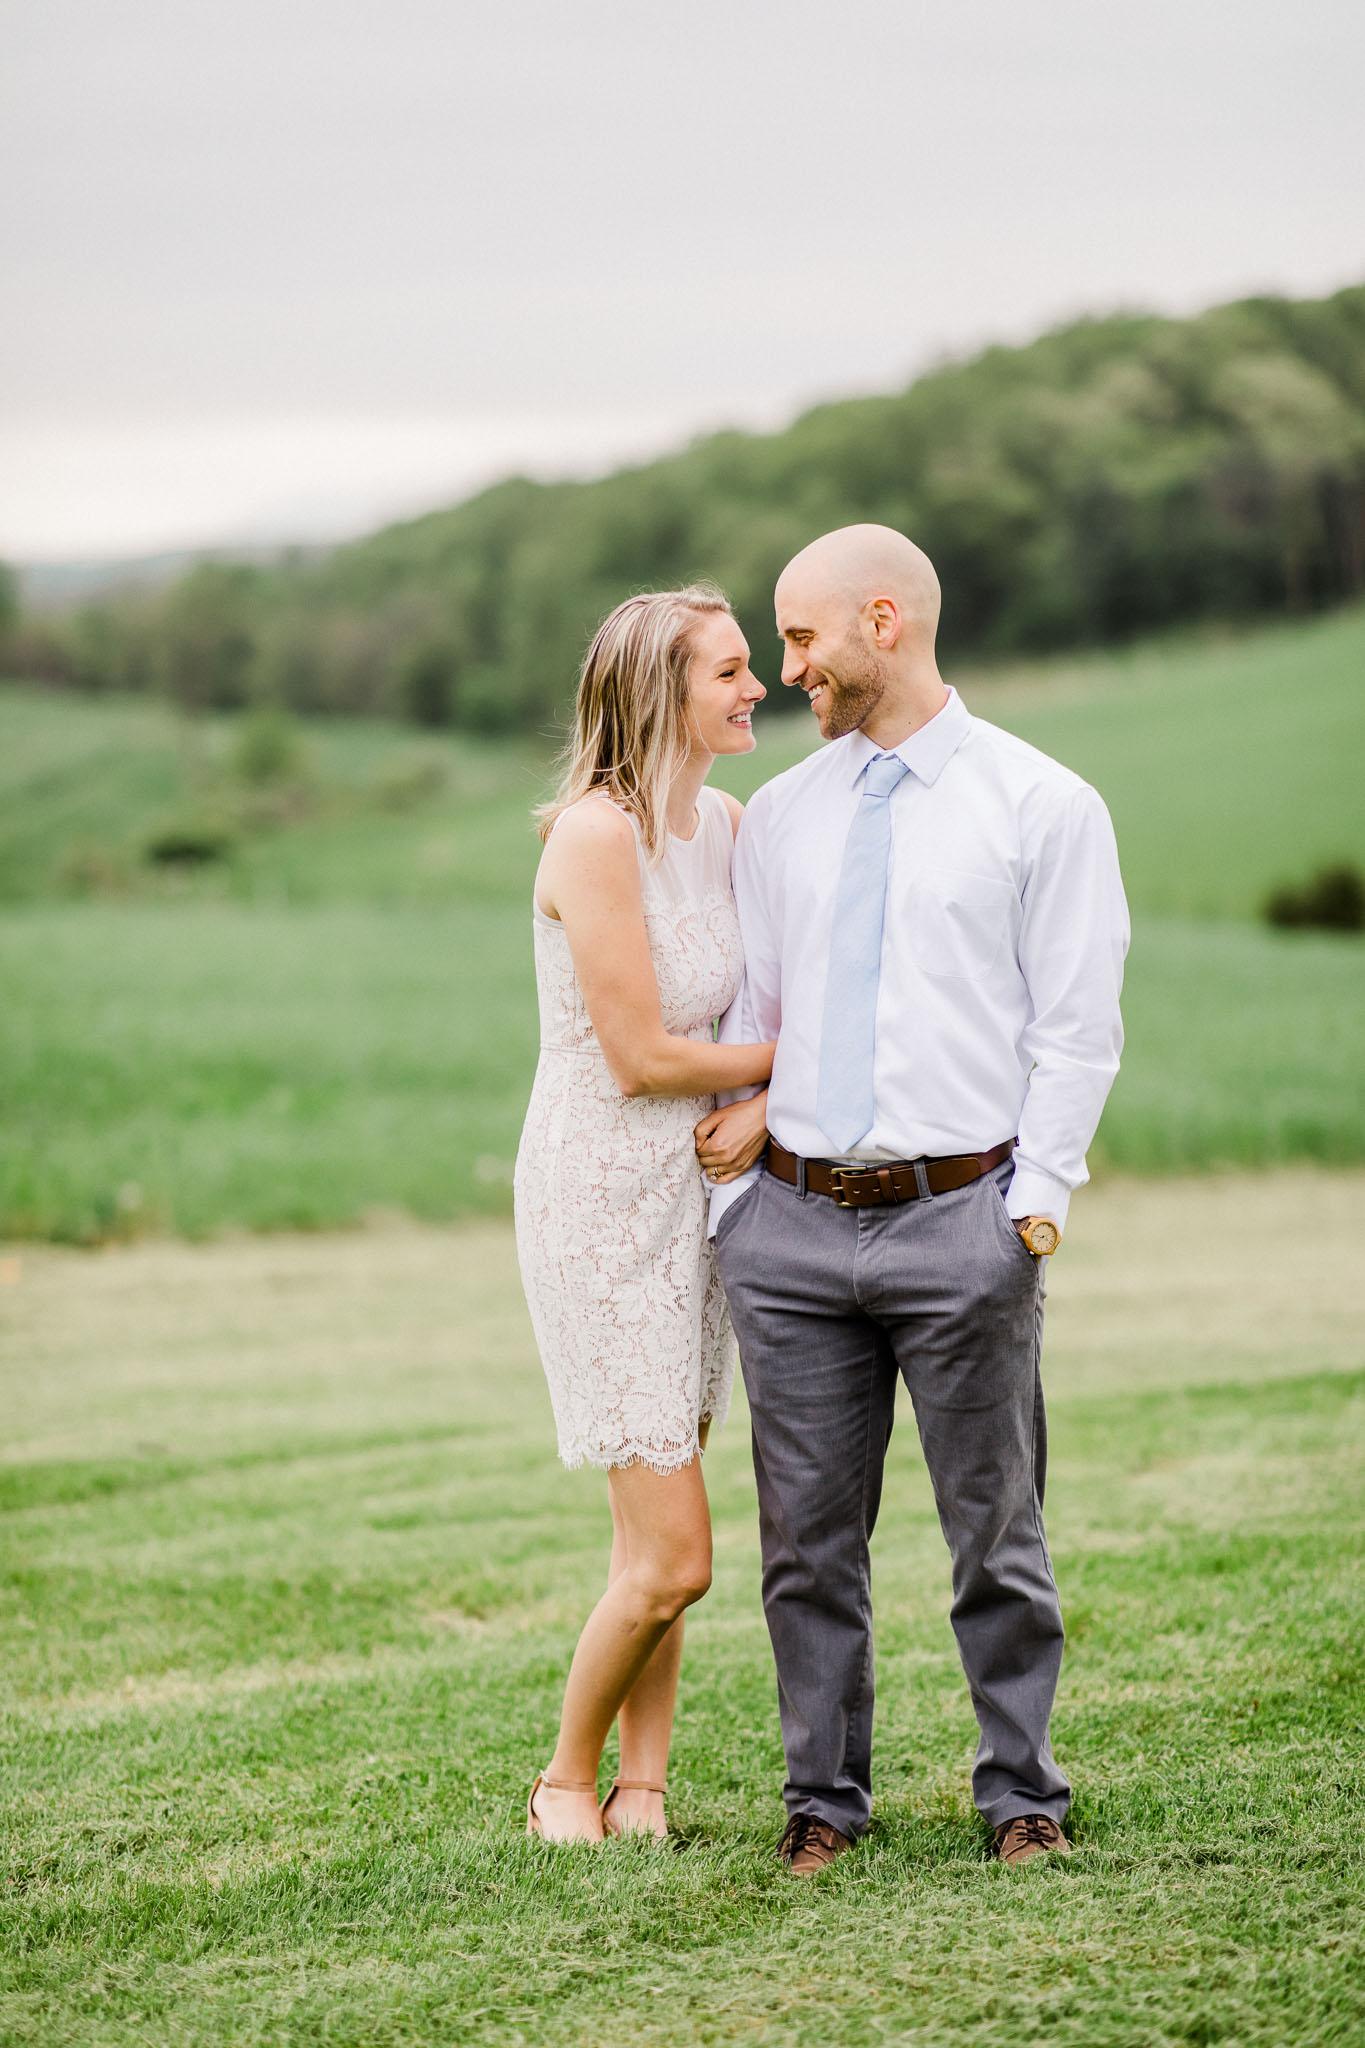 Danville-elopement-5096.jpg